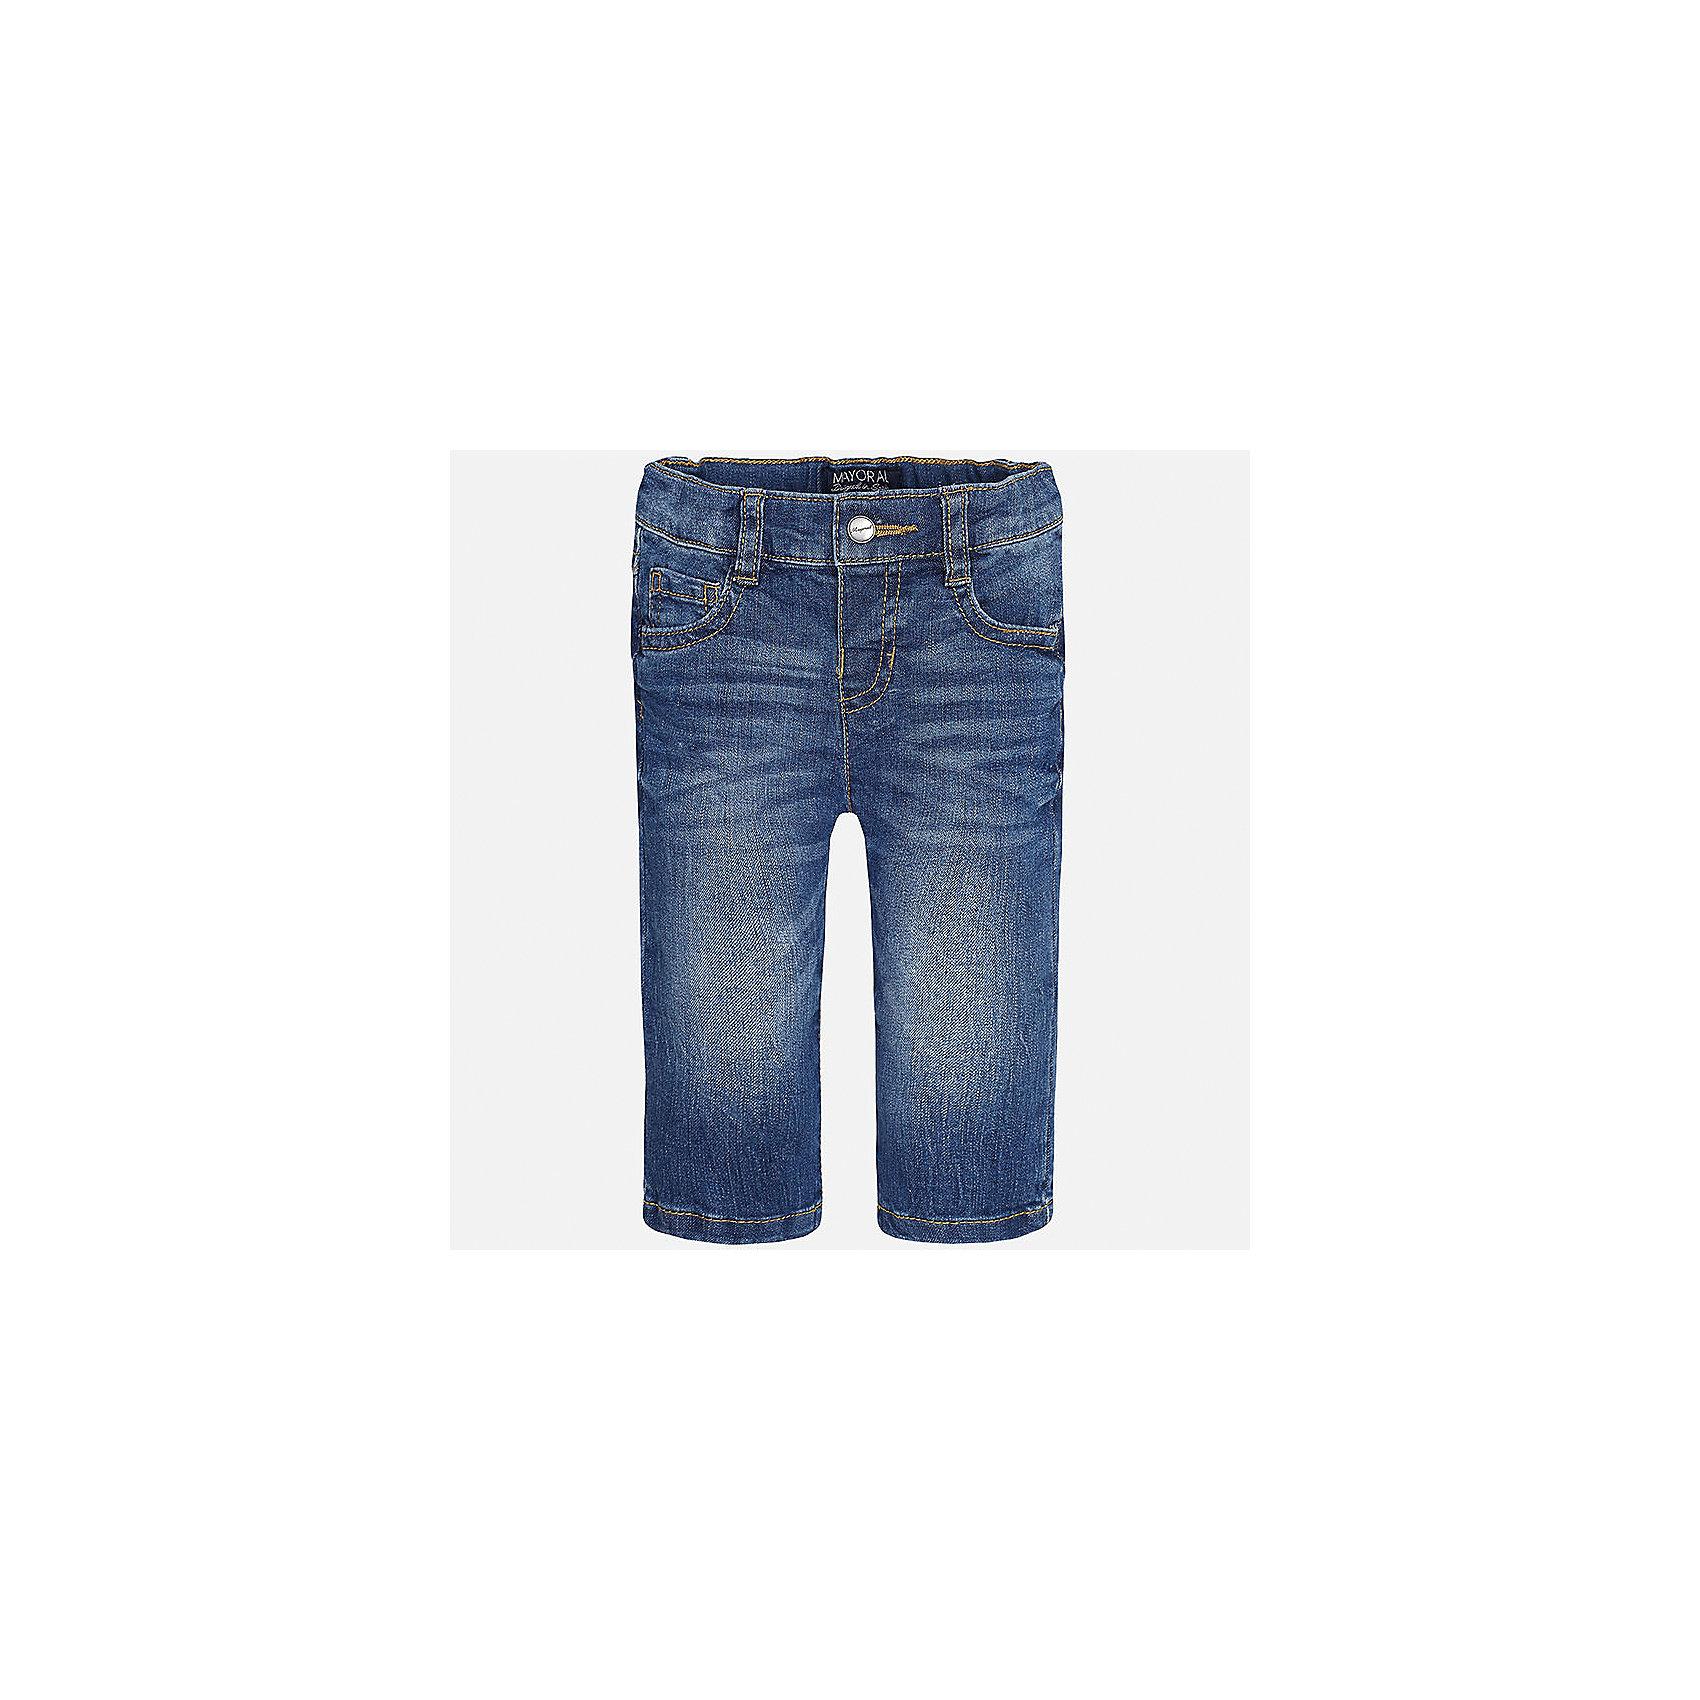 Джинсы для мальчика MayoralДжинсы и брючки<br>Характеристики товара:<br><br>• цвет: синий<br>• состав: 99% хлопок, 1% эластан<br>• имитация потертостей<br>• шлевки<br>• карманы<br>• пояс с регулировкой объема<br>• классический силуэт<br>• страна бренда: Испания<br><br>Модные брюки для мальчика смогут стать базовой вещью в гардеробе ребенка. Они отлично сочетаются с майками, футболками, рубашками и т.д. Универсальный крой и цвет позволяет подобрать к вещи верх разных расцветок. Практичное и стильное изделие! В составе материала - натуральный хлопок, гипоаллергенный, приятный на ощупь, дышащий.<br><br>Одежда, обувь и аксессуары от испанского бренда Mayoral полюбились детям и взрослым по всему миру. Модели этой марки - стильные и удобные. Для их производства используются только безопасные, качественные материалы и фурнитура. Порадуйте ребенка модными и красивыми вещами от Mayoral! <br><br>Брюки для мальчика от испанского бренда Mayoral (Майорал) можно купить в нашем интернет-магазине.<br><br>Ширина мм: 215<br>Глубина мм: 88<br>Высота мм: 191<br>Вес г: 336<br>Цвет: синий<br>Возраст от месяцев: 12<br>Возраст до месяцев: 15<br>Пол: Мужской<br>Возраст: Детский<br>Размер: 80,86,92<br>SKU: 5277616